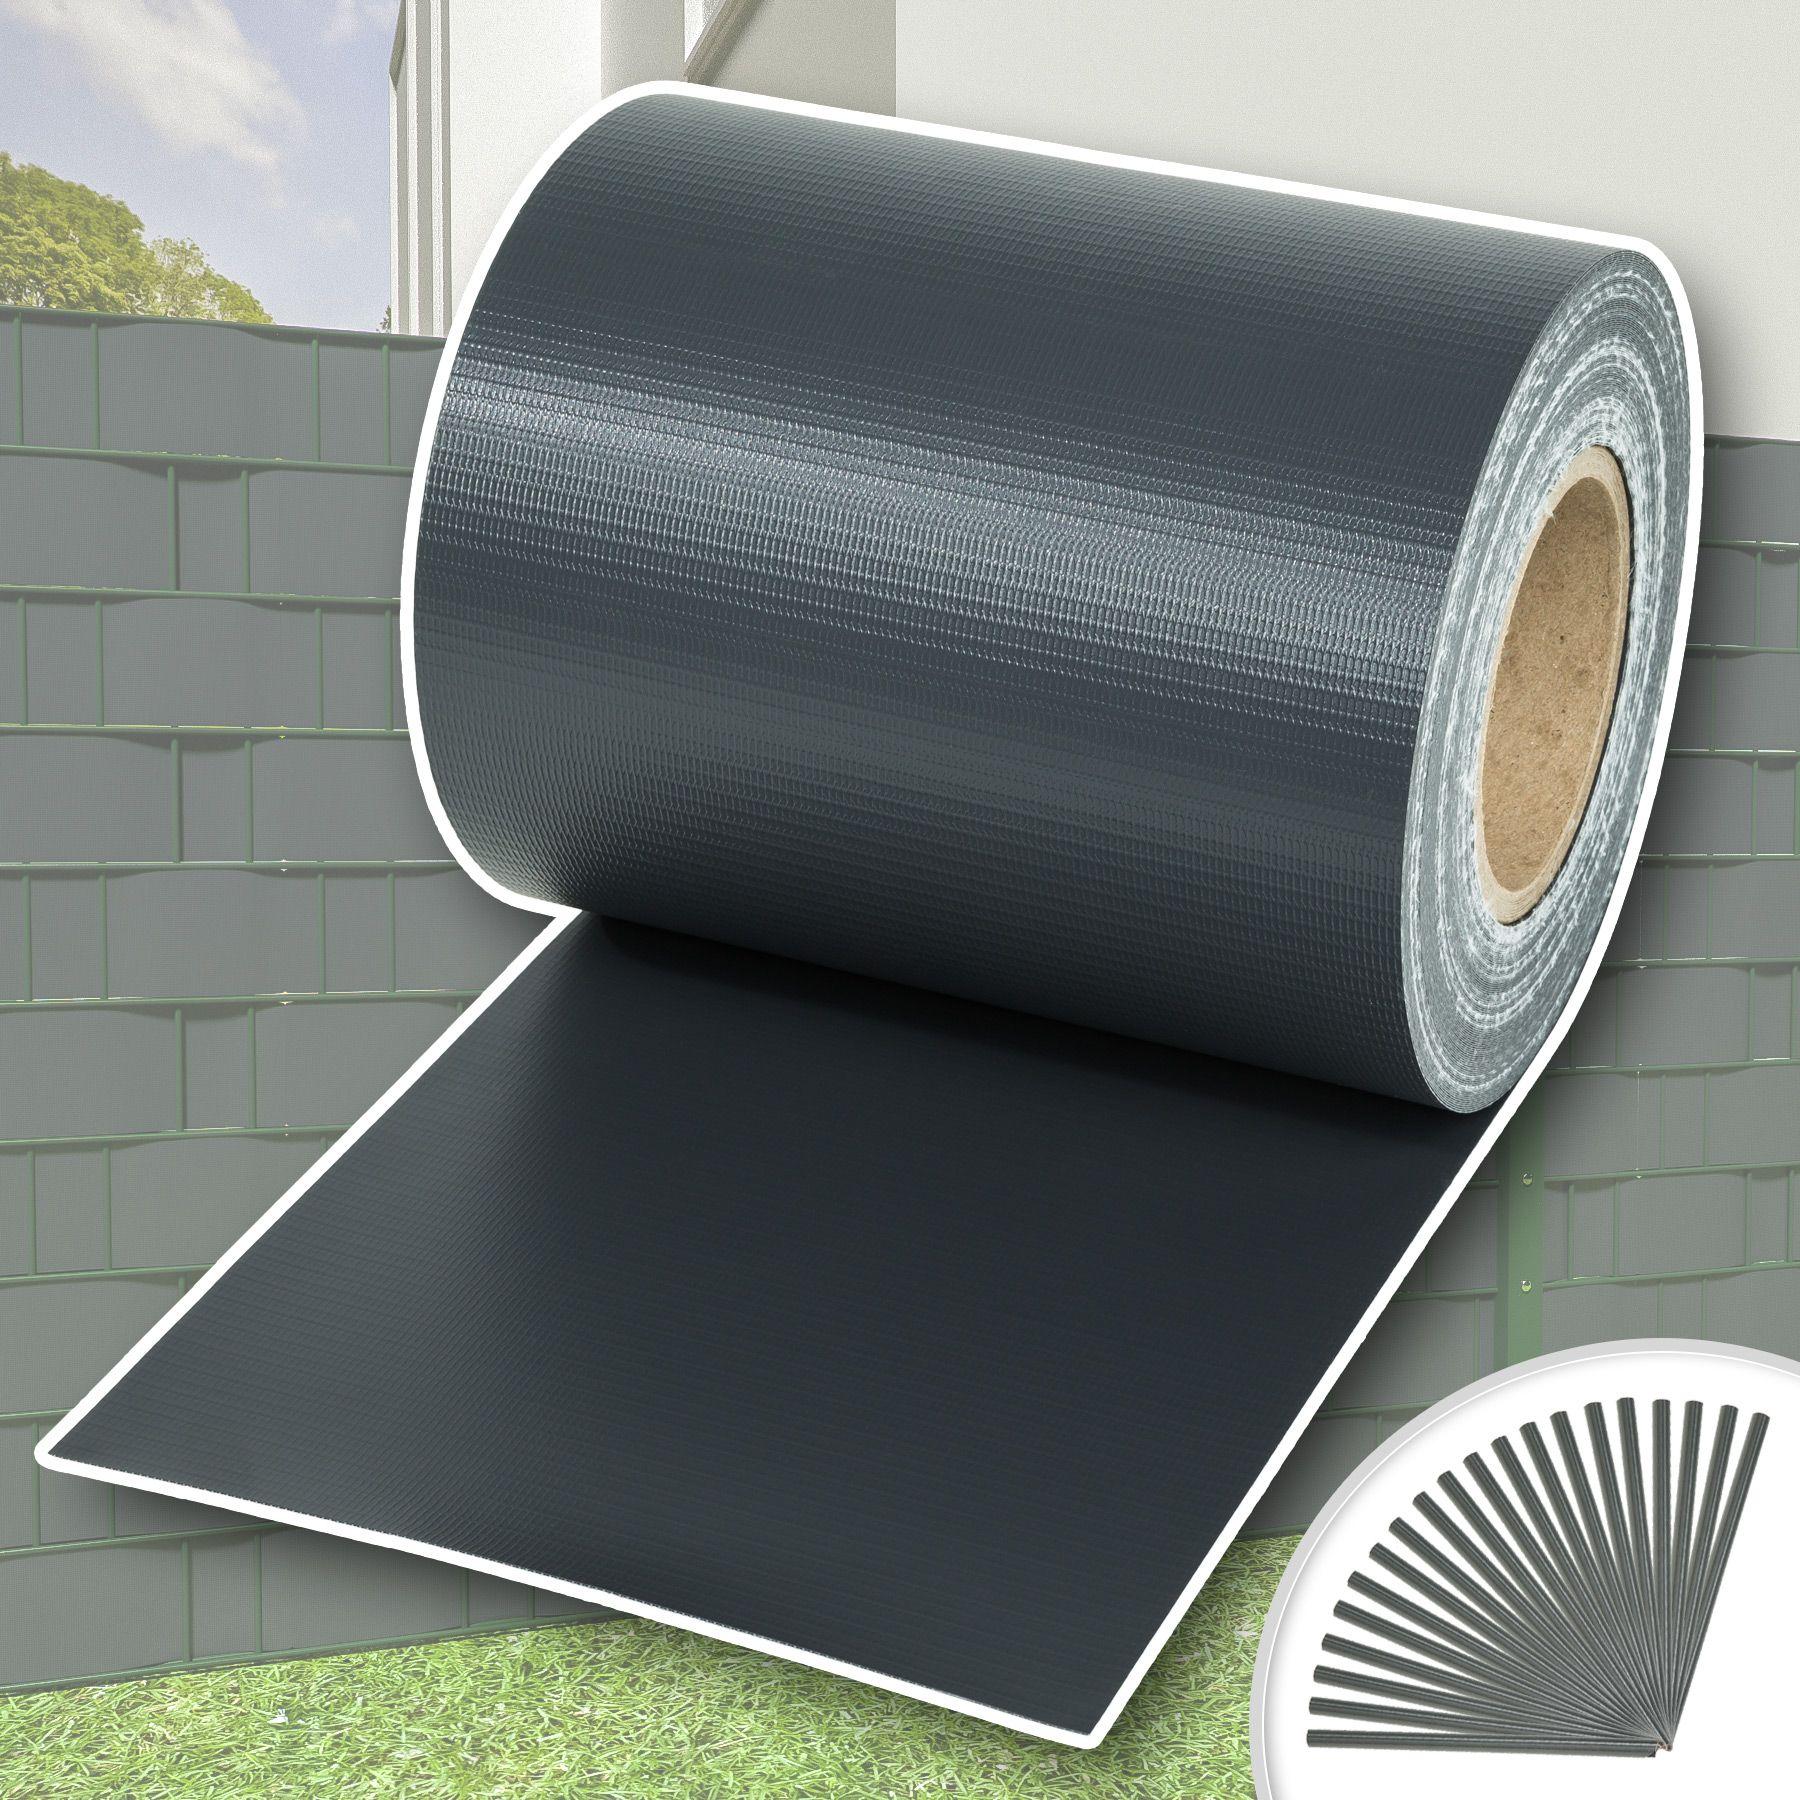 Rotolo recinzione 70m x 19cm pvc pellicola giardino resistente vento antracite